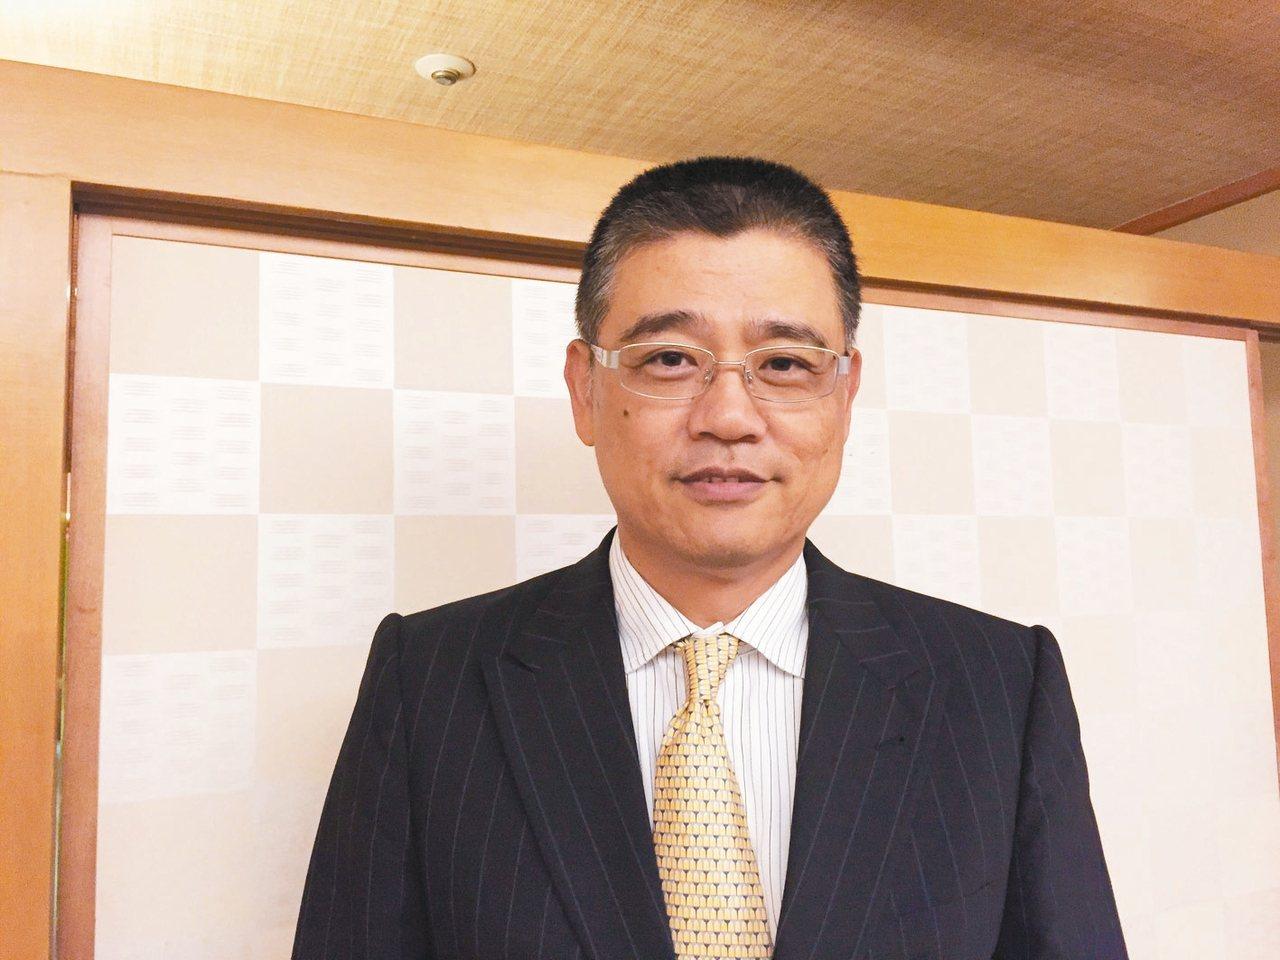 神基董事長黃明漢 (本報系資料庫)